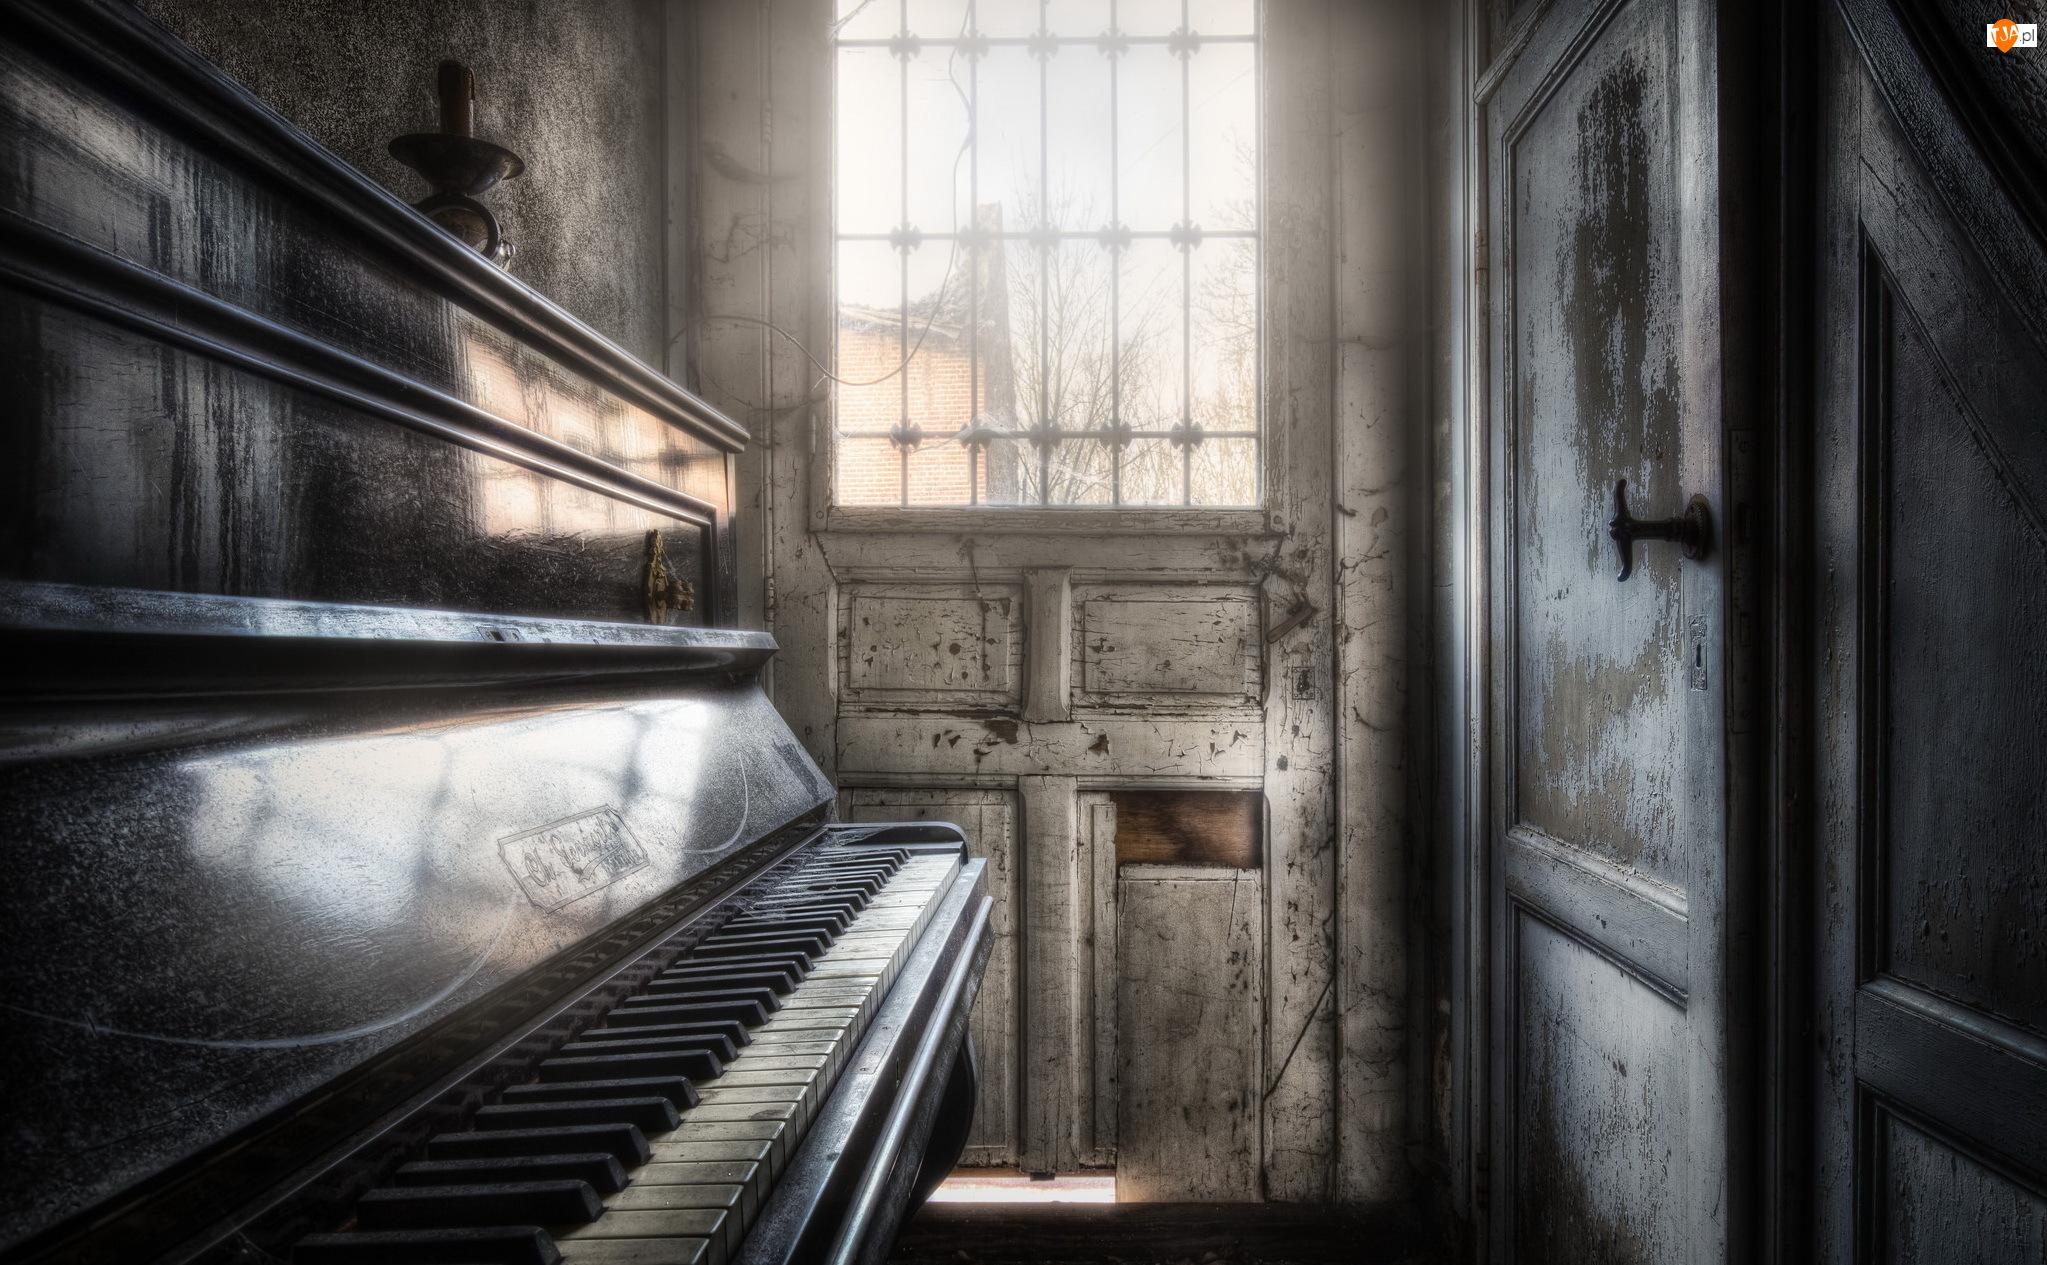 Światło, Zaniedbane, Drzwi, Wnętrze, Pianino